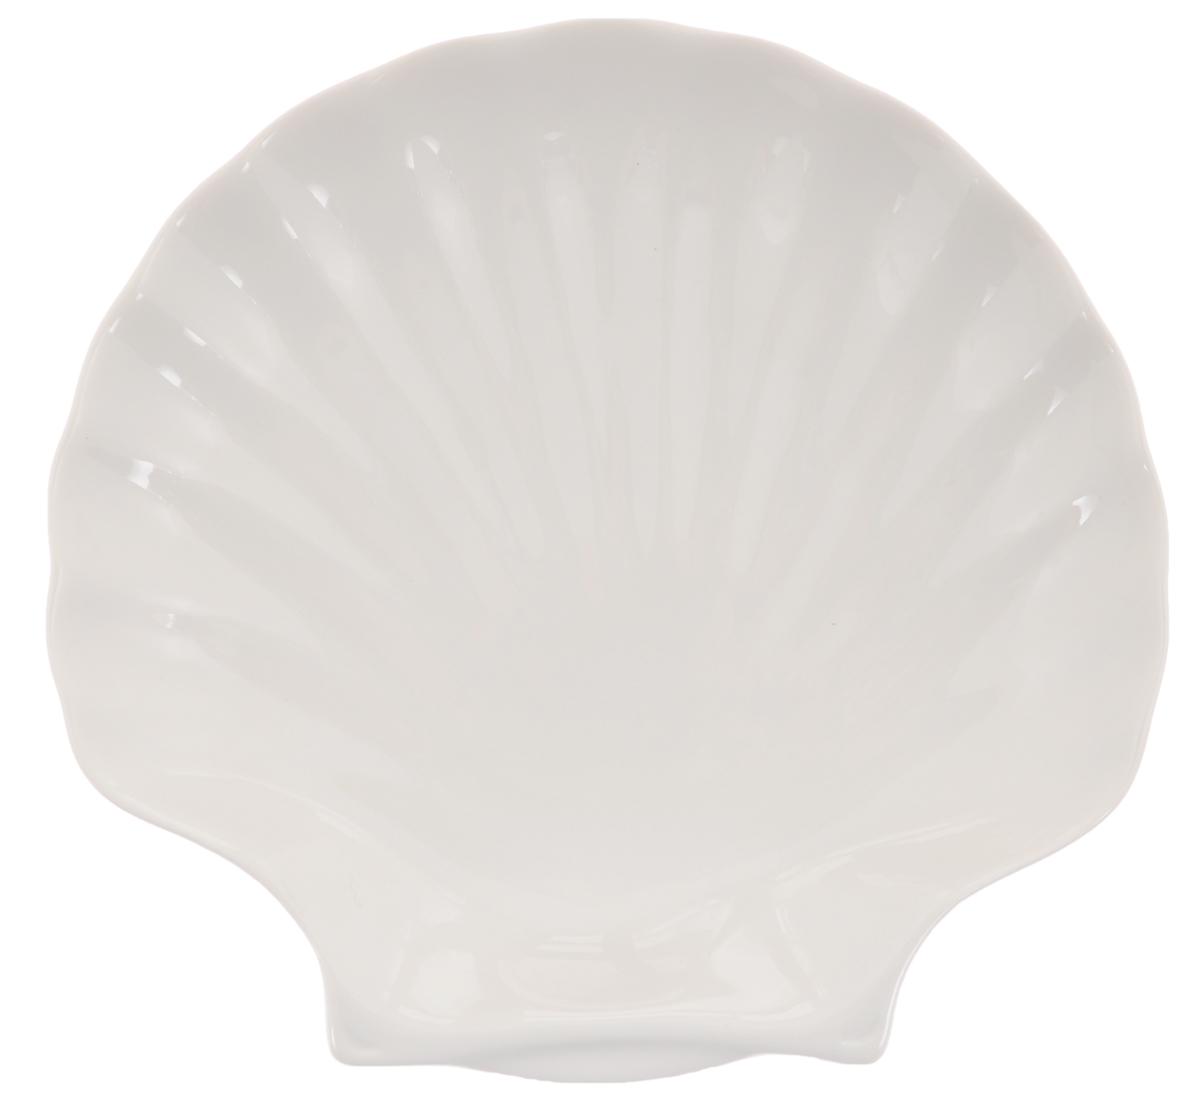 Блюдо сервировочное Walmer Shell, цвет: белый, 20 х 19 х 3,5 смW10500020Блюдо сервировочное Walmer Shell изготовлено из высококачественного фарфора в виде ракушки. Блюдо - необходимая вещь при застолье. Вы можете использовать его для закусок, сырной нарезки, колбасных изделий и, конечно для горячих блюд. Изумительное сервировочное блюдо станет изысканным украшением вашего праздничного стола.